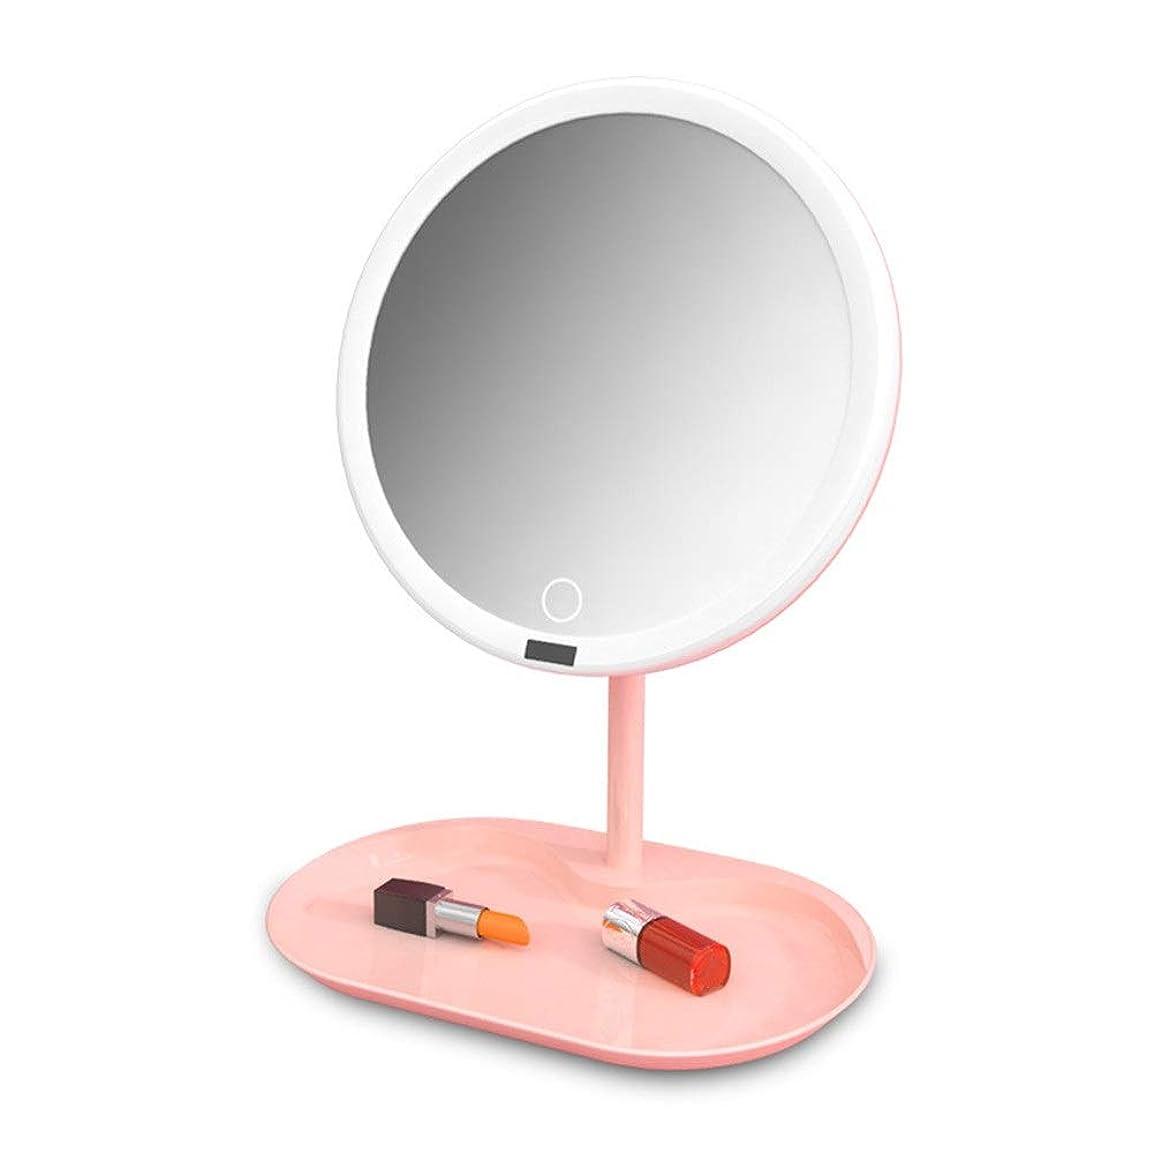 気取らないモスハード化粧鏡 LEDライト誘導発光倍率ミラーパワーサプライモードメイクアップミラー旅行化粧鏡付バニティミラー(ピンク、ホワイト) 化粧鏡 化粧ミラー (色 : ピンク, サイズ : 21x17x31.5cm)